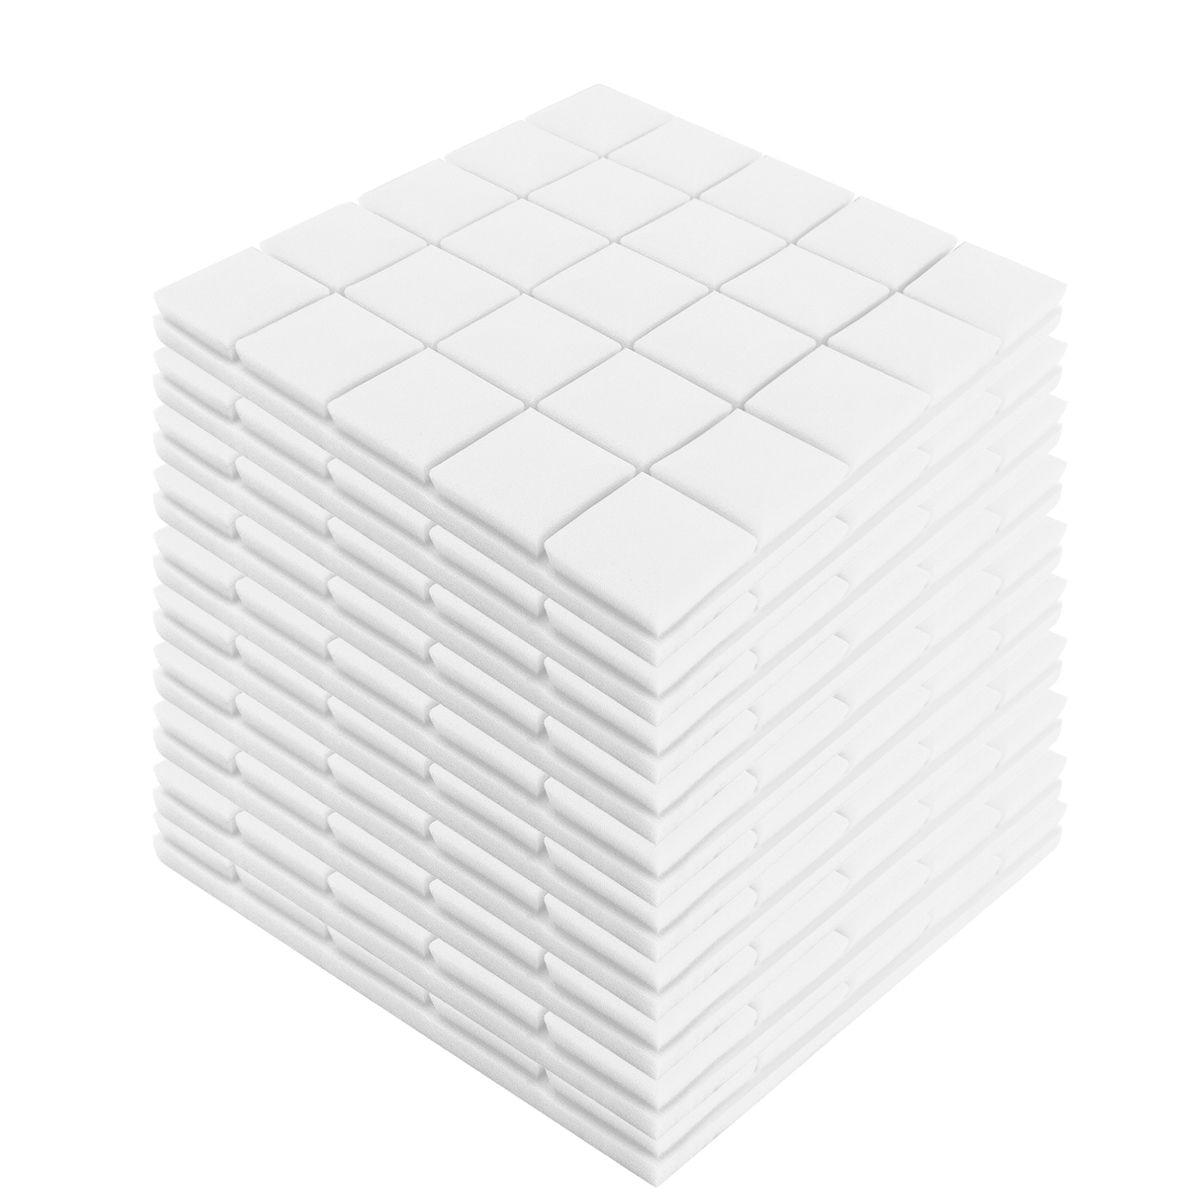 24 Uds. 4 colores 50x50x5cm estudio acústico insonorizado espuma absorción de sonido Panel de tratamiento azulejo cuña esponja protectora